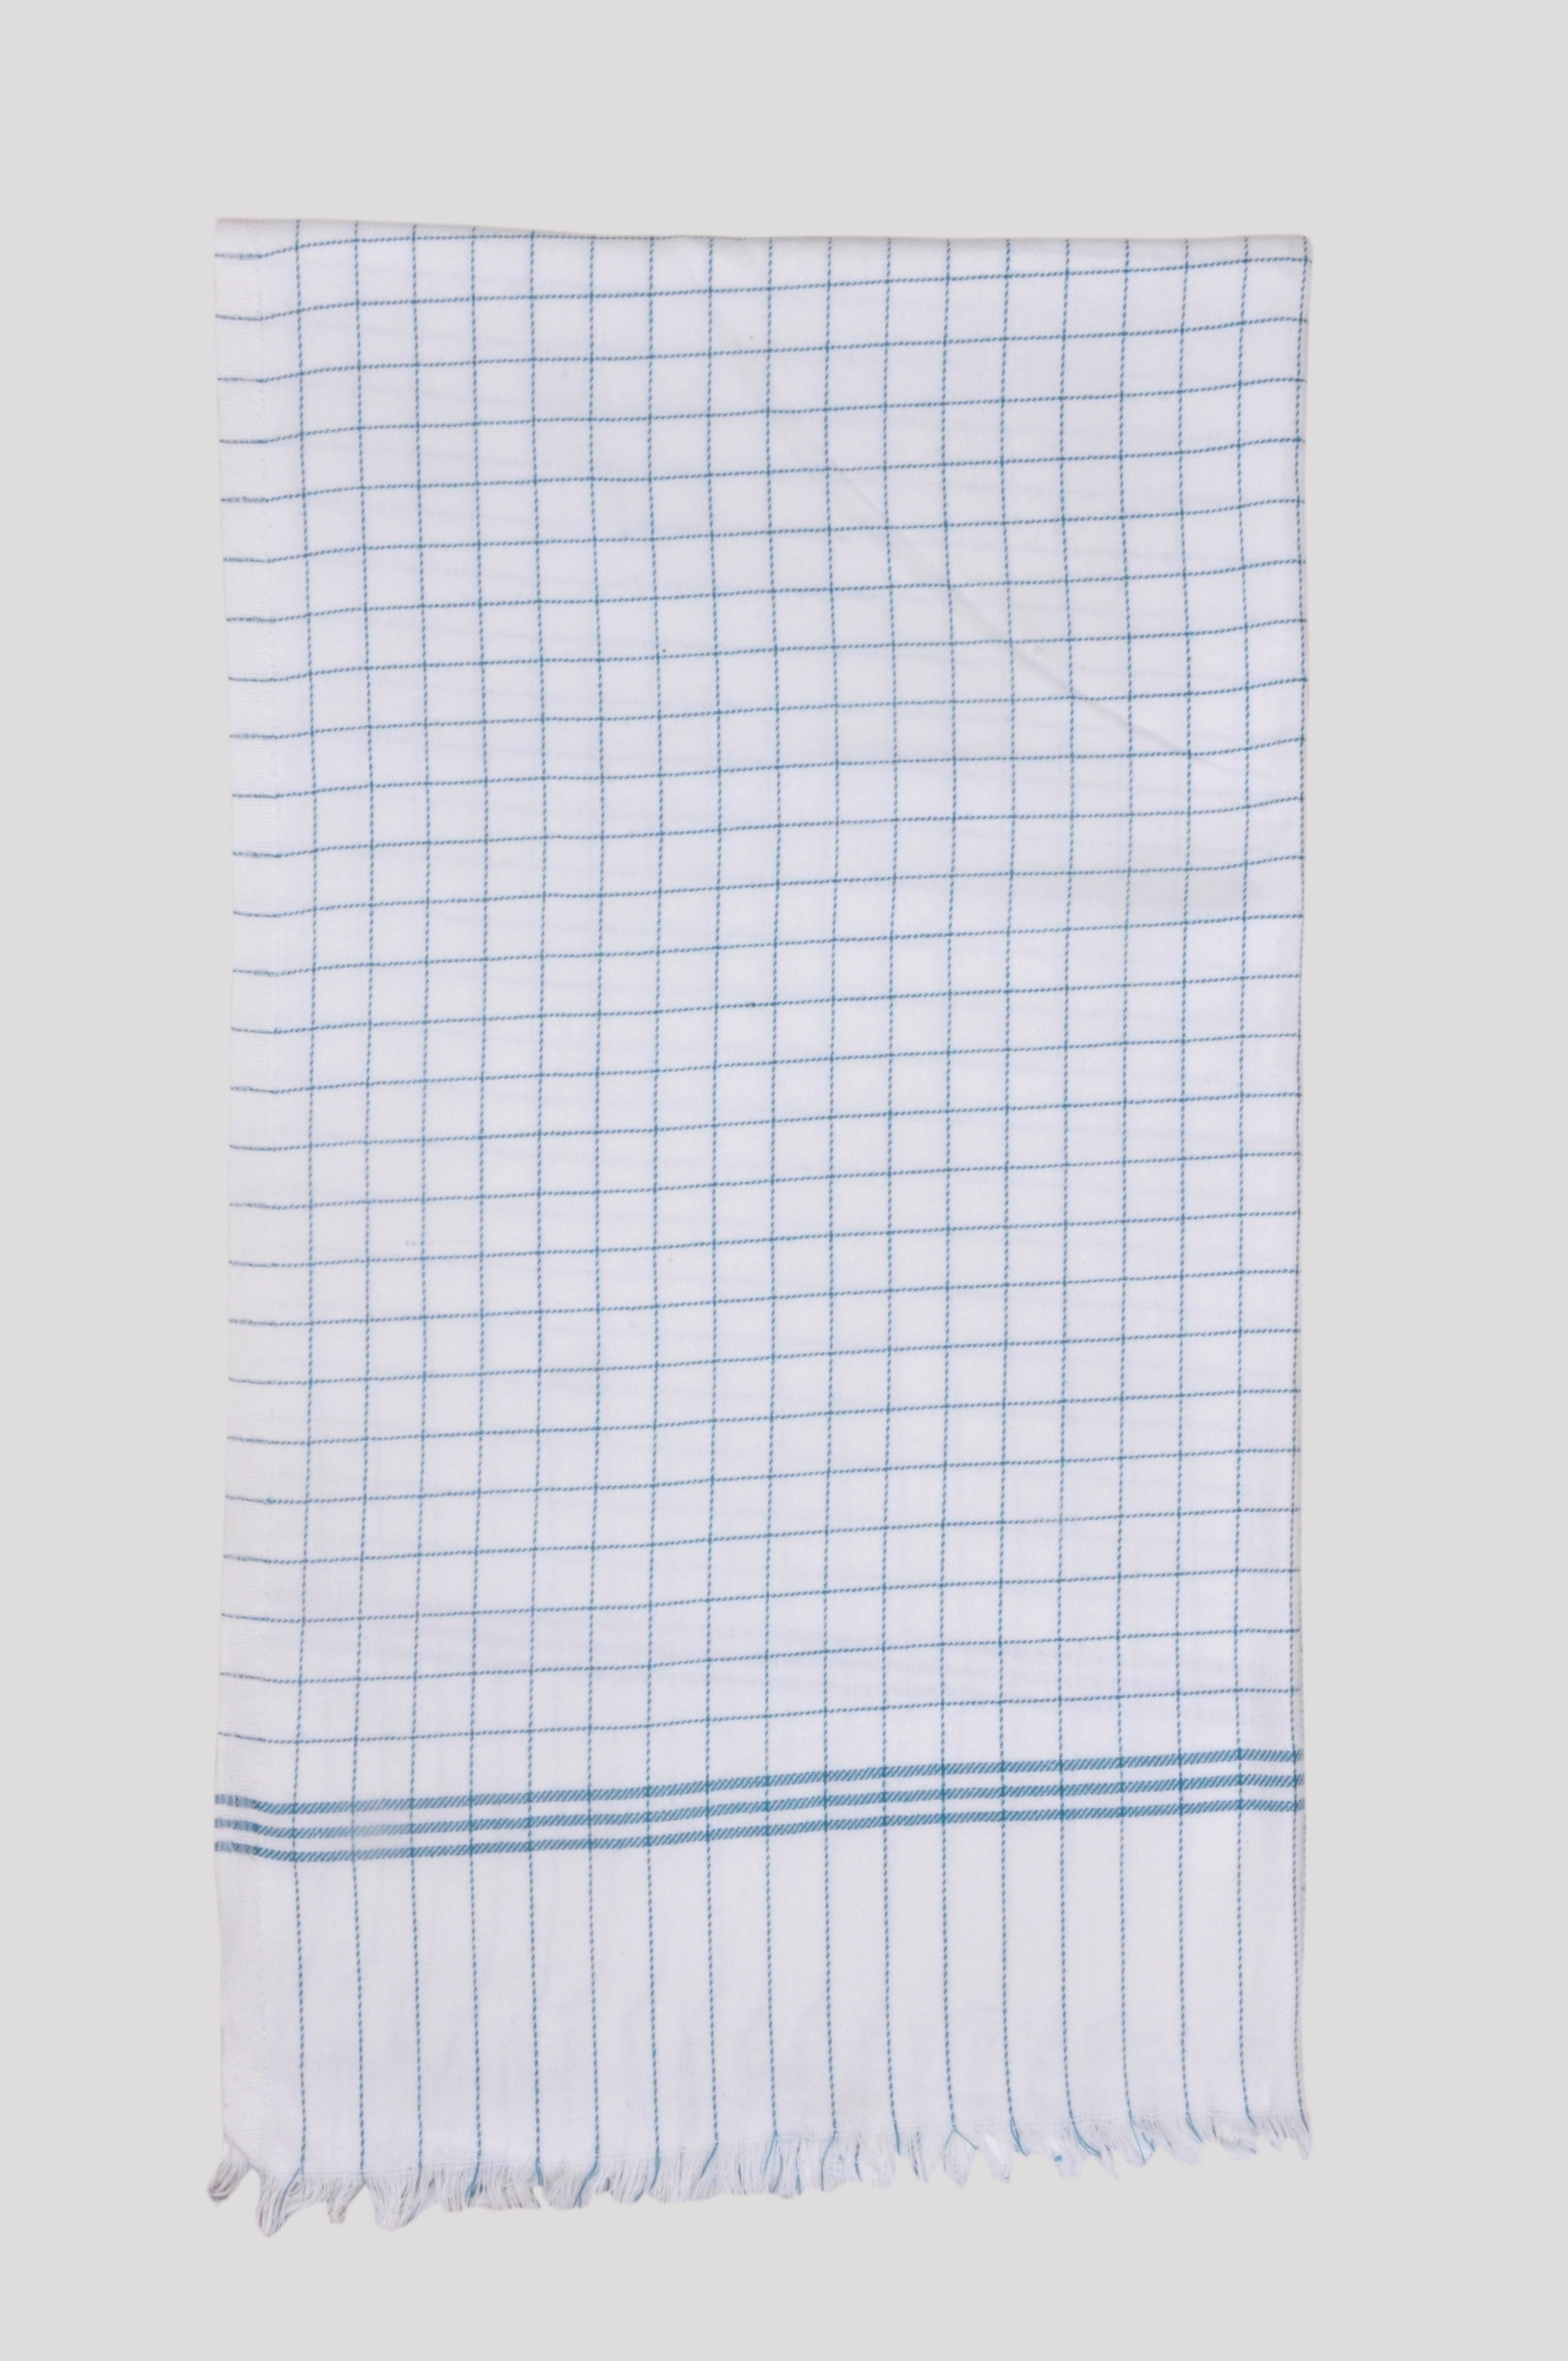 Jass Home Decor Checkered Single Blanket White, Green(AC Blanket, Set of 1 Blanket)